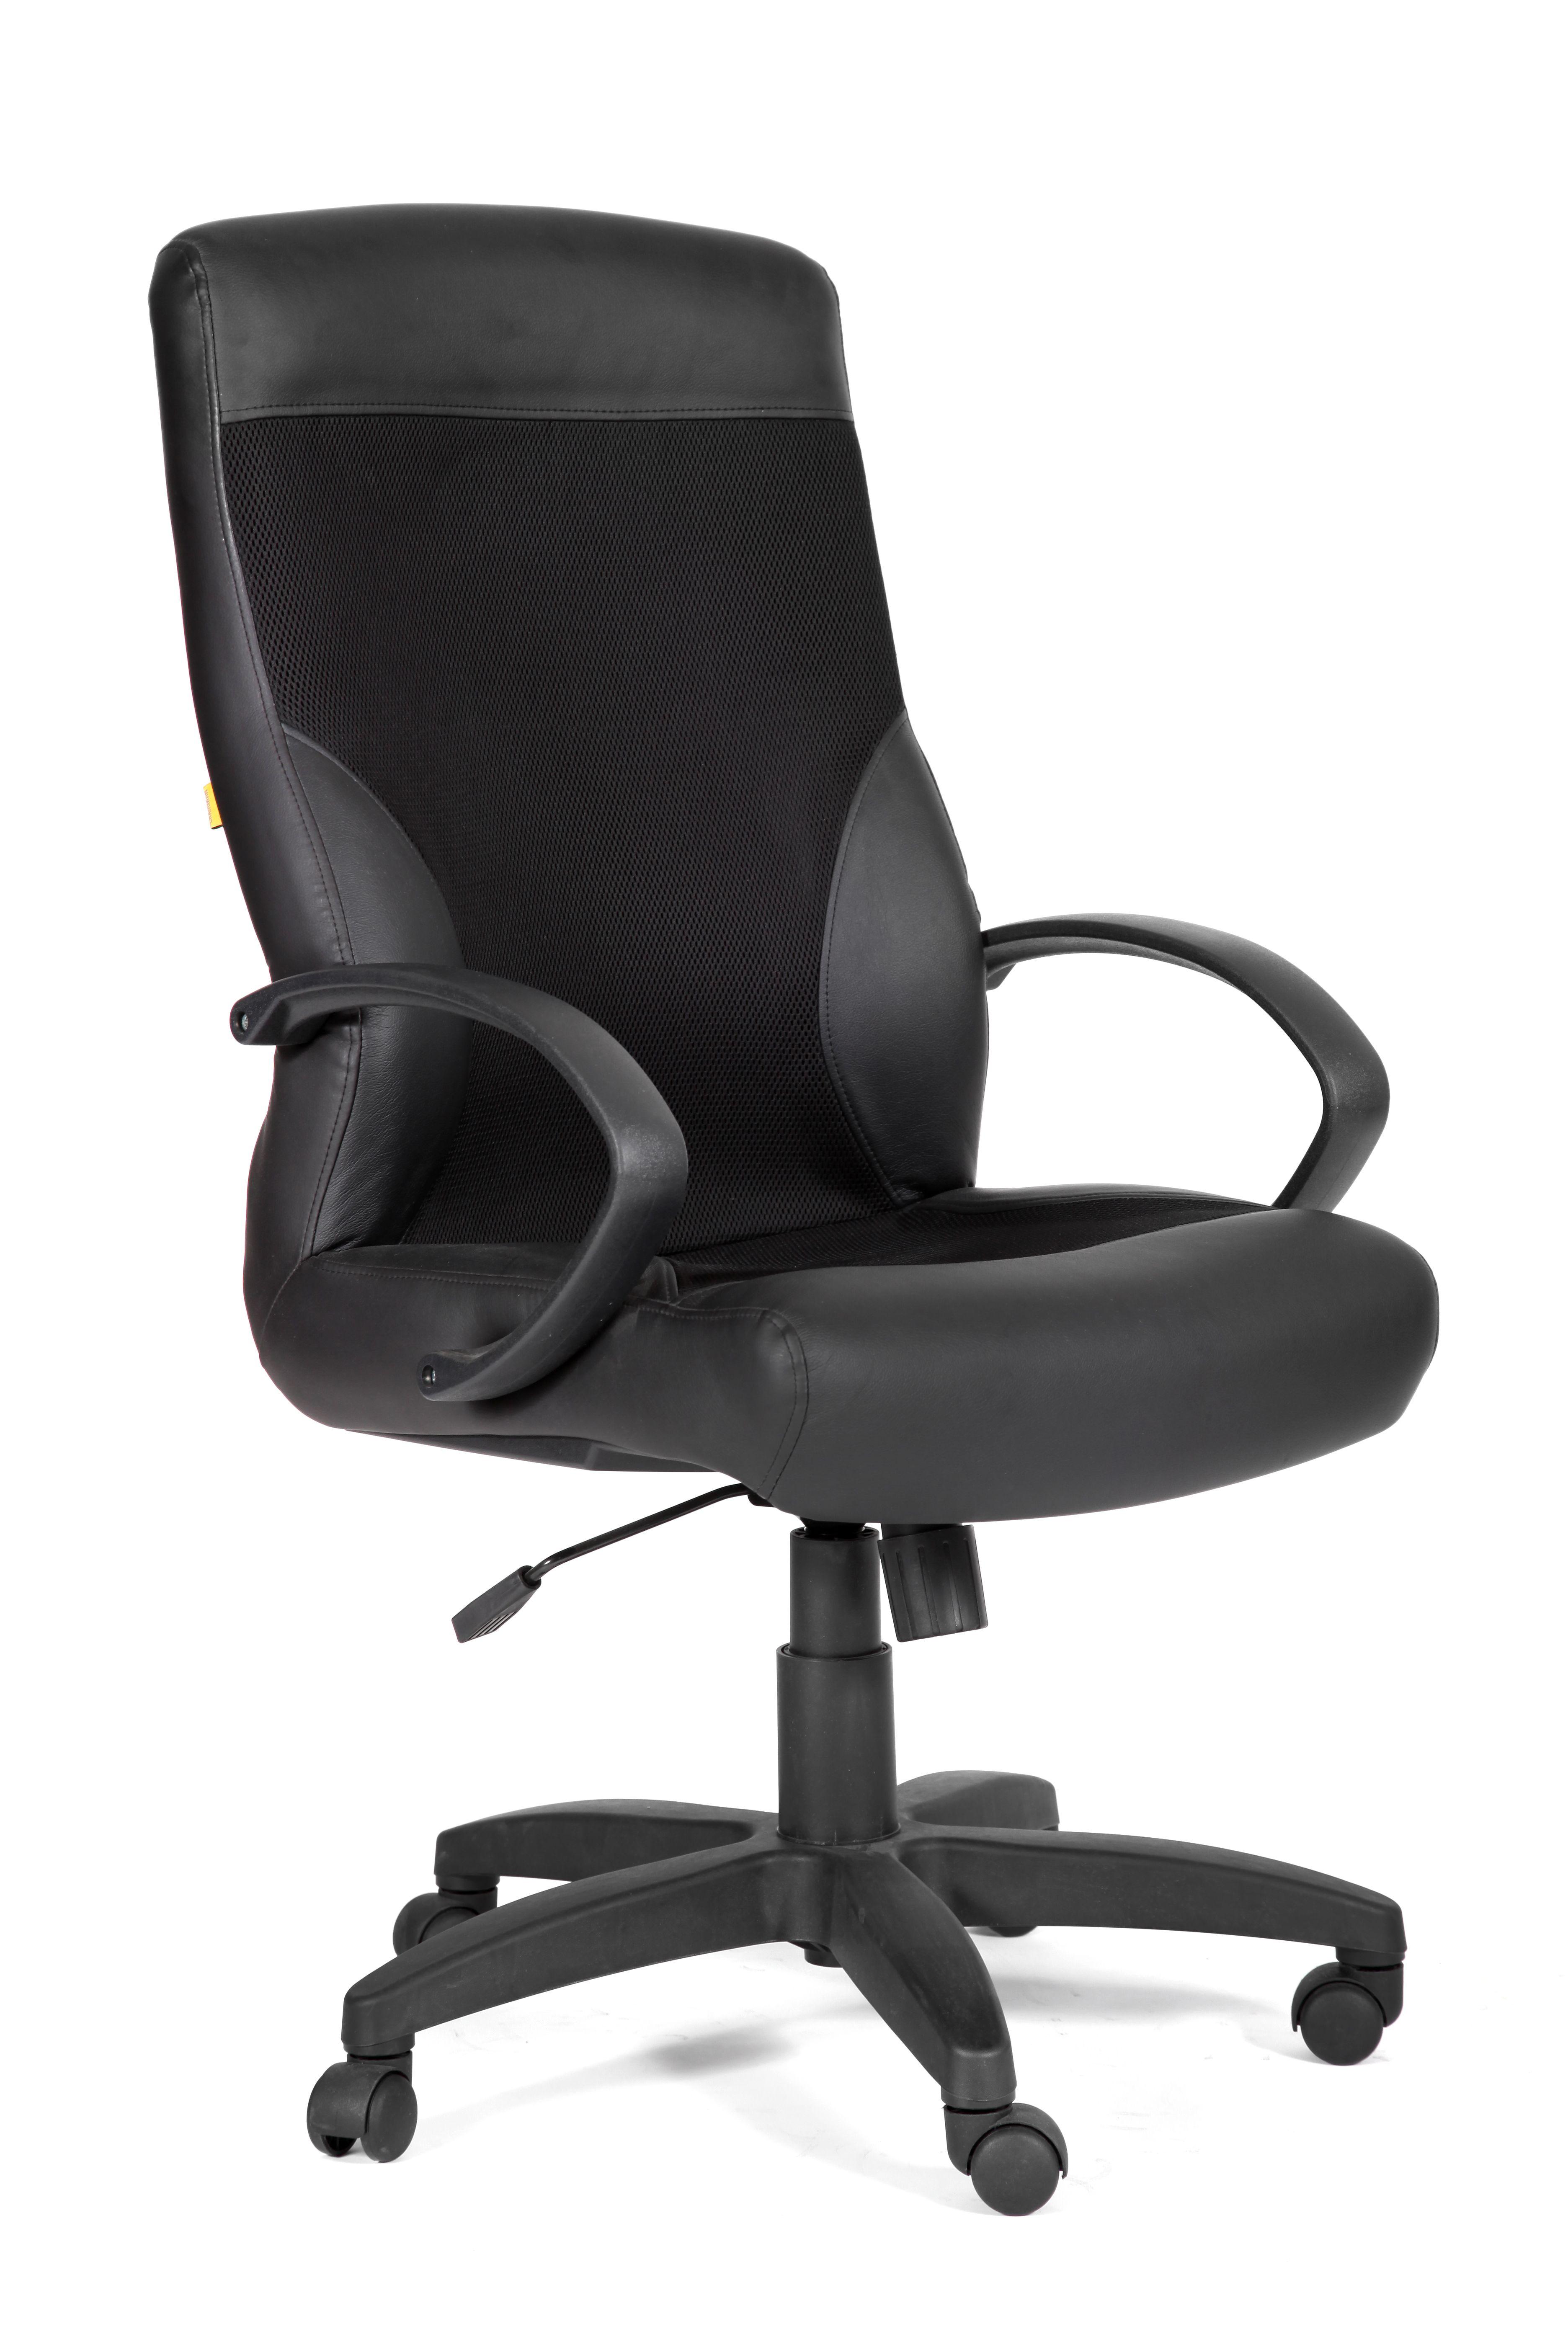 Biuro kėdė ELKO 310